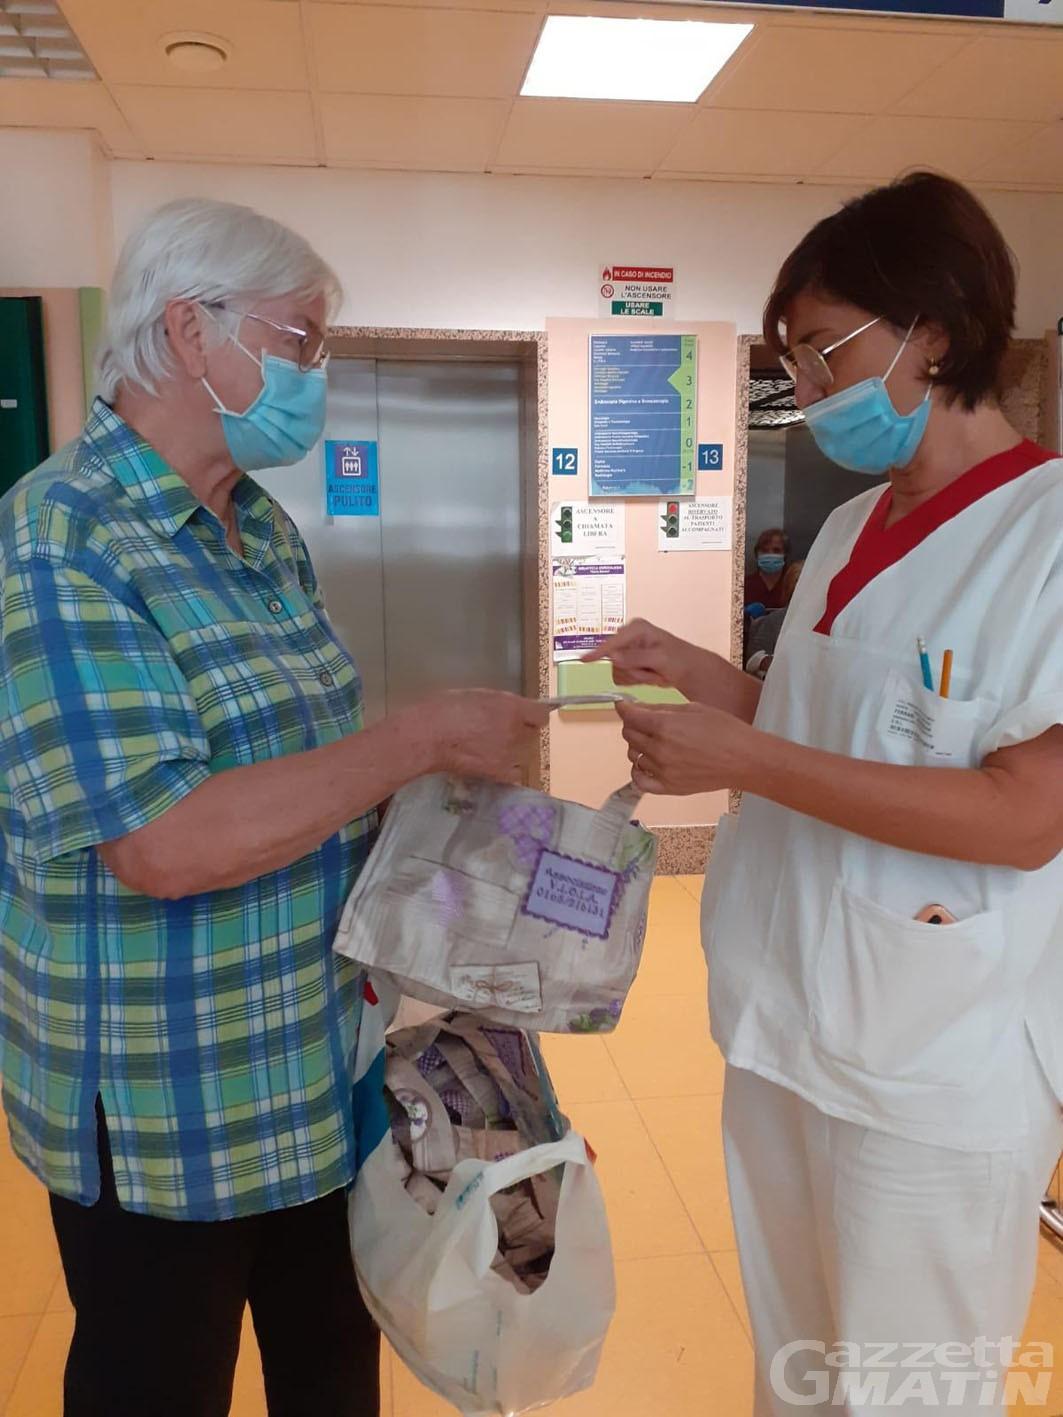 Solidarietà: Viola dona borsine al reparto di chirurgia toracica del Parini